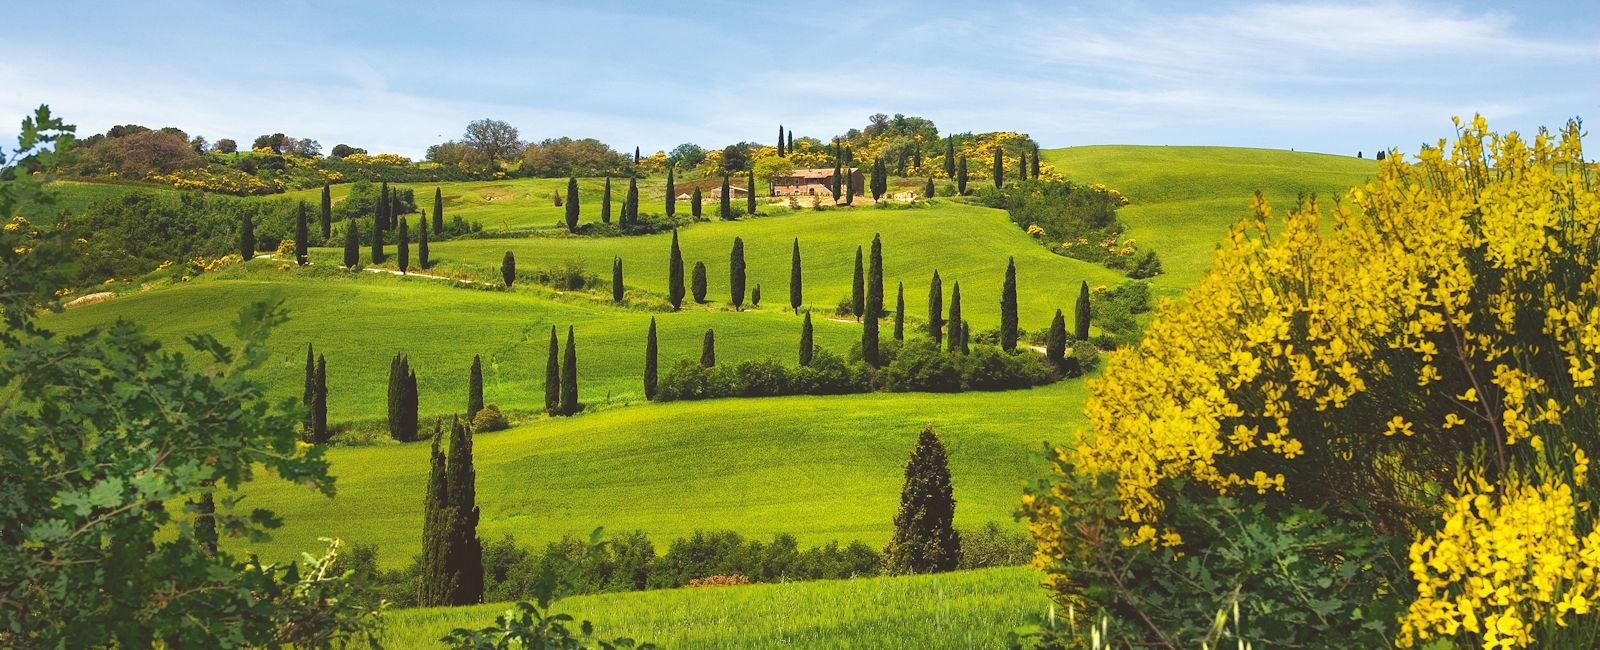 luxury tuscany holidays